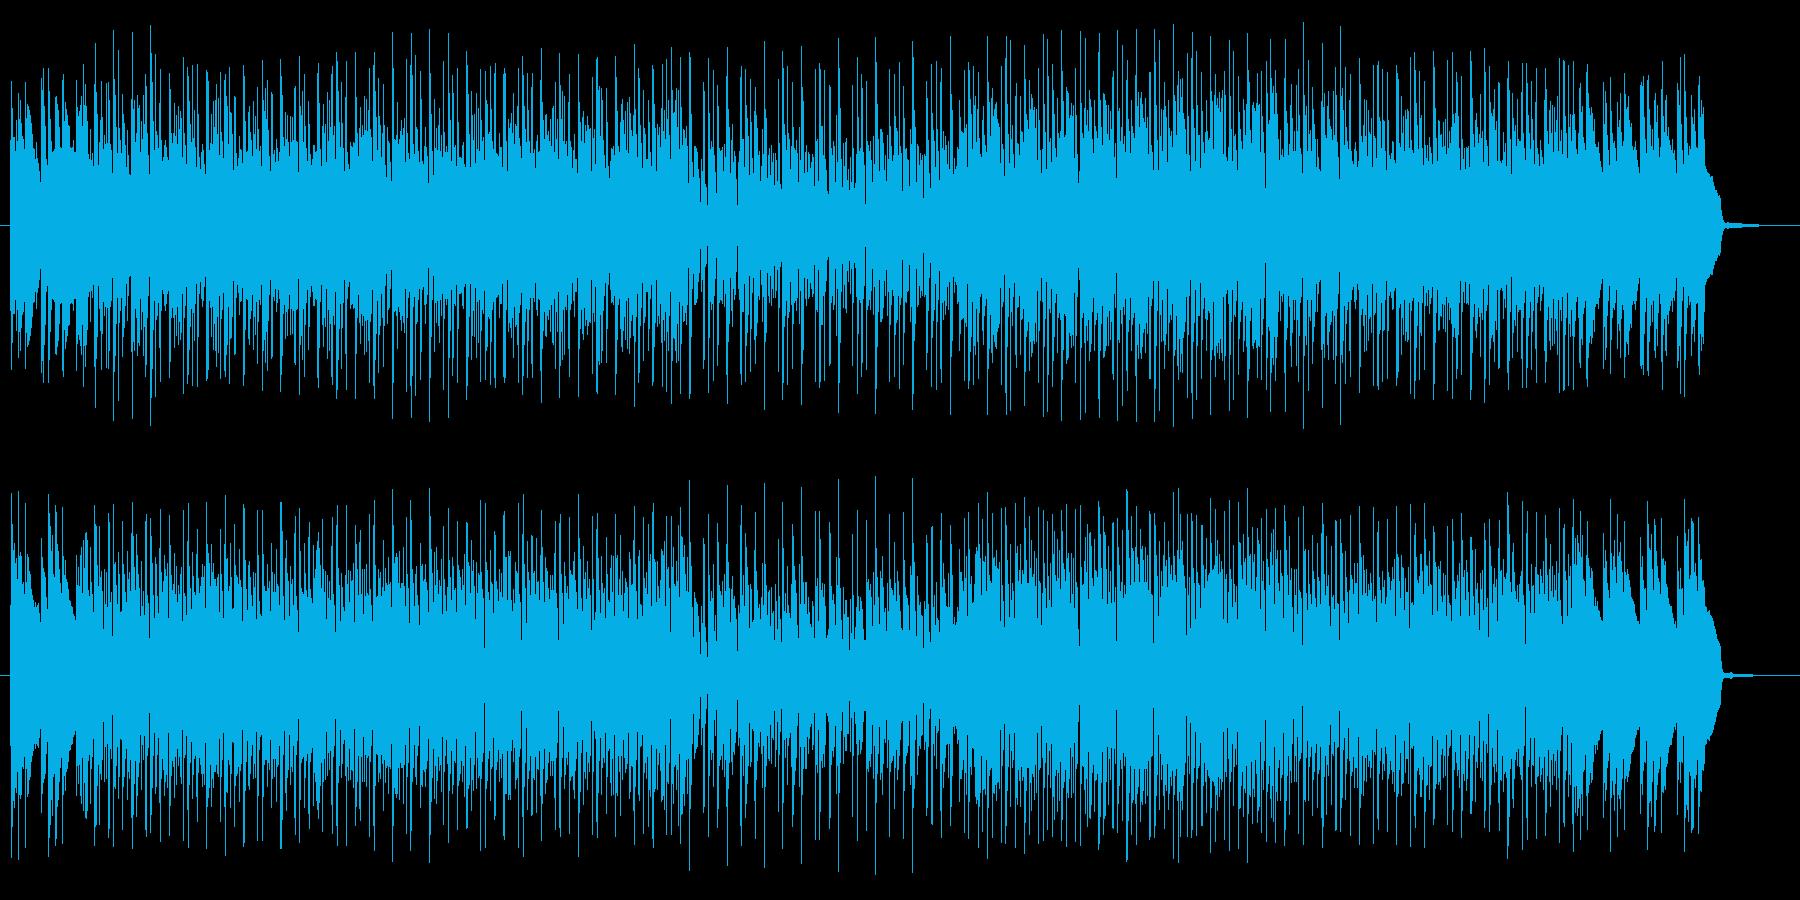 テクノポップとハードロックの融合の再生済みの波形